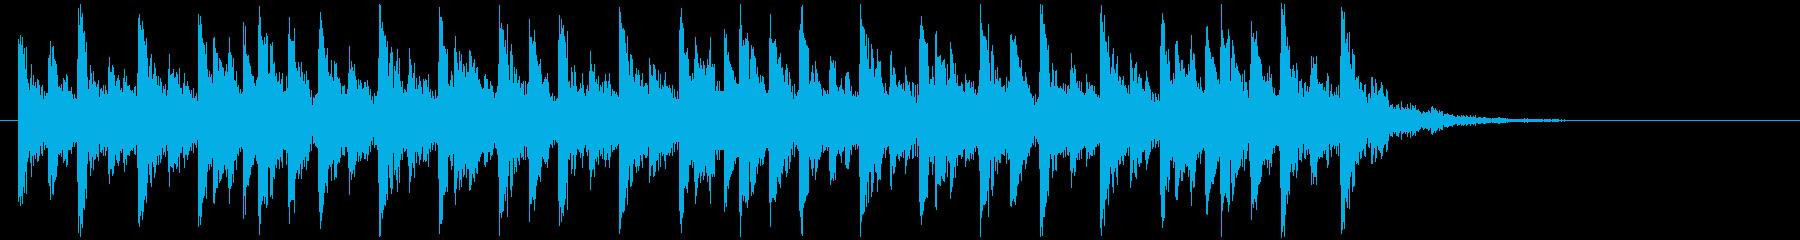 リズミカルで不思議なシンセビートジングルの再生済みの波形